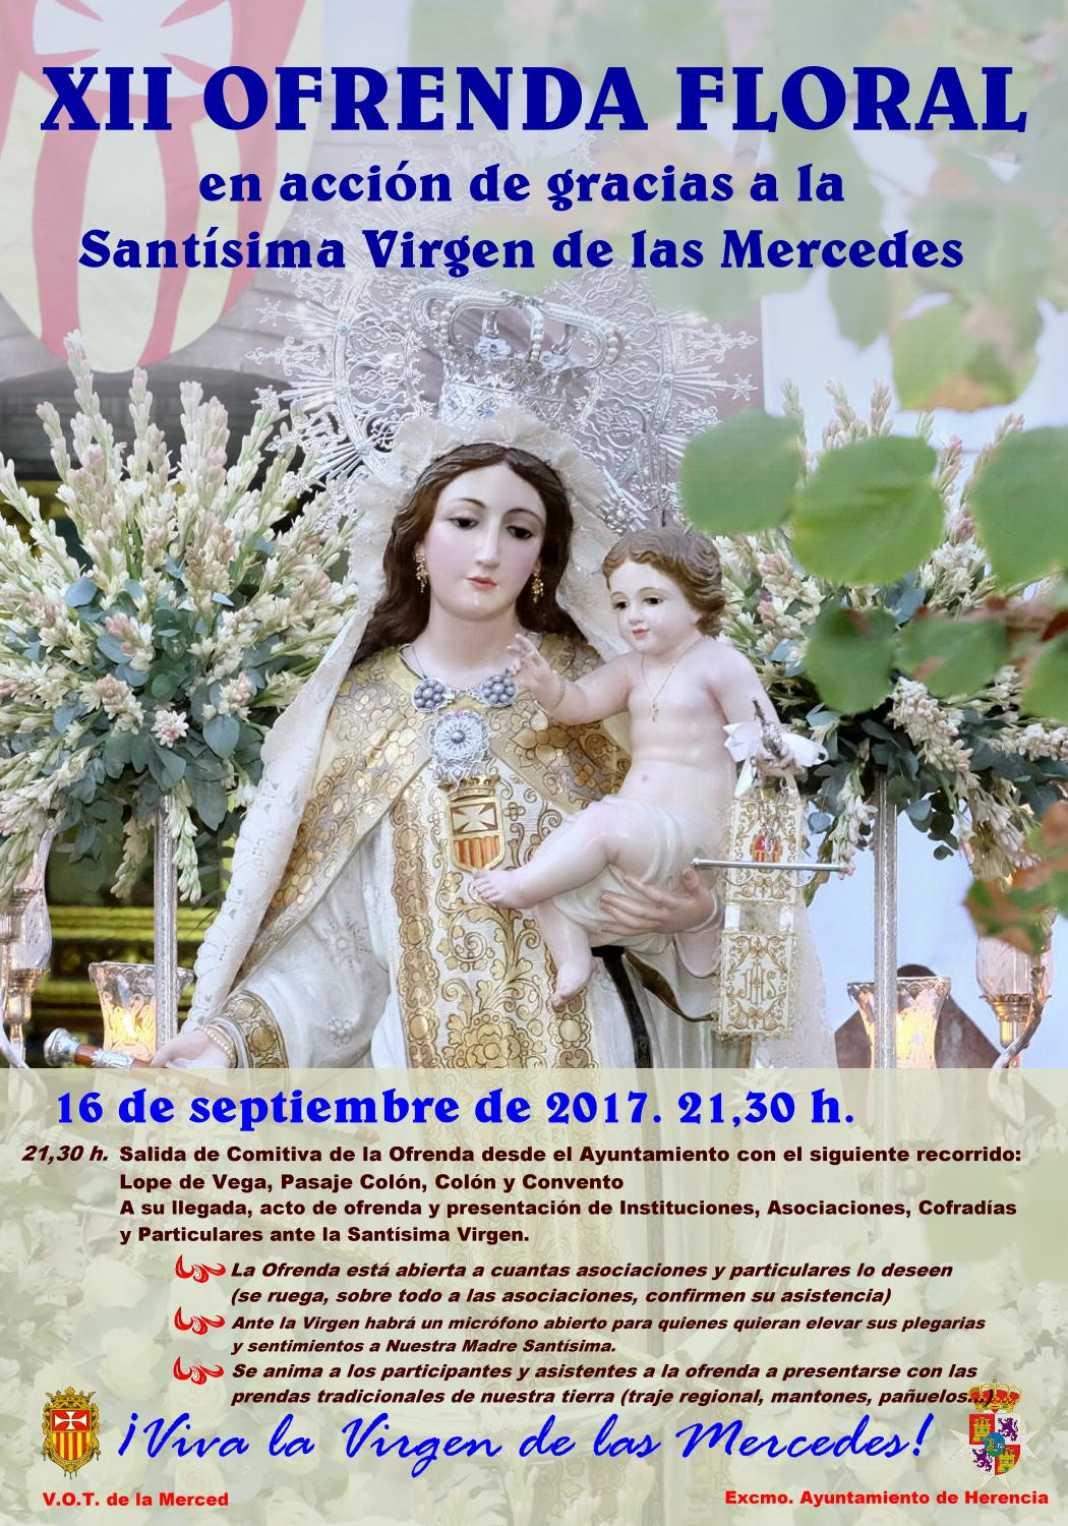 XII Ofrenda floral a la Virgen de las Mercedes 1068x1526 - XII Ofrenda floral a la Virgen de las Mercedes